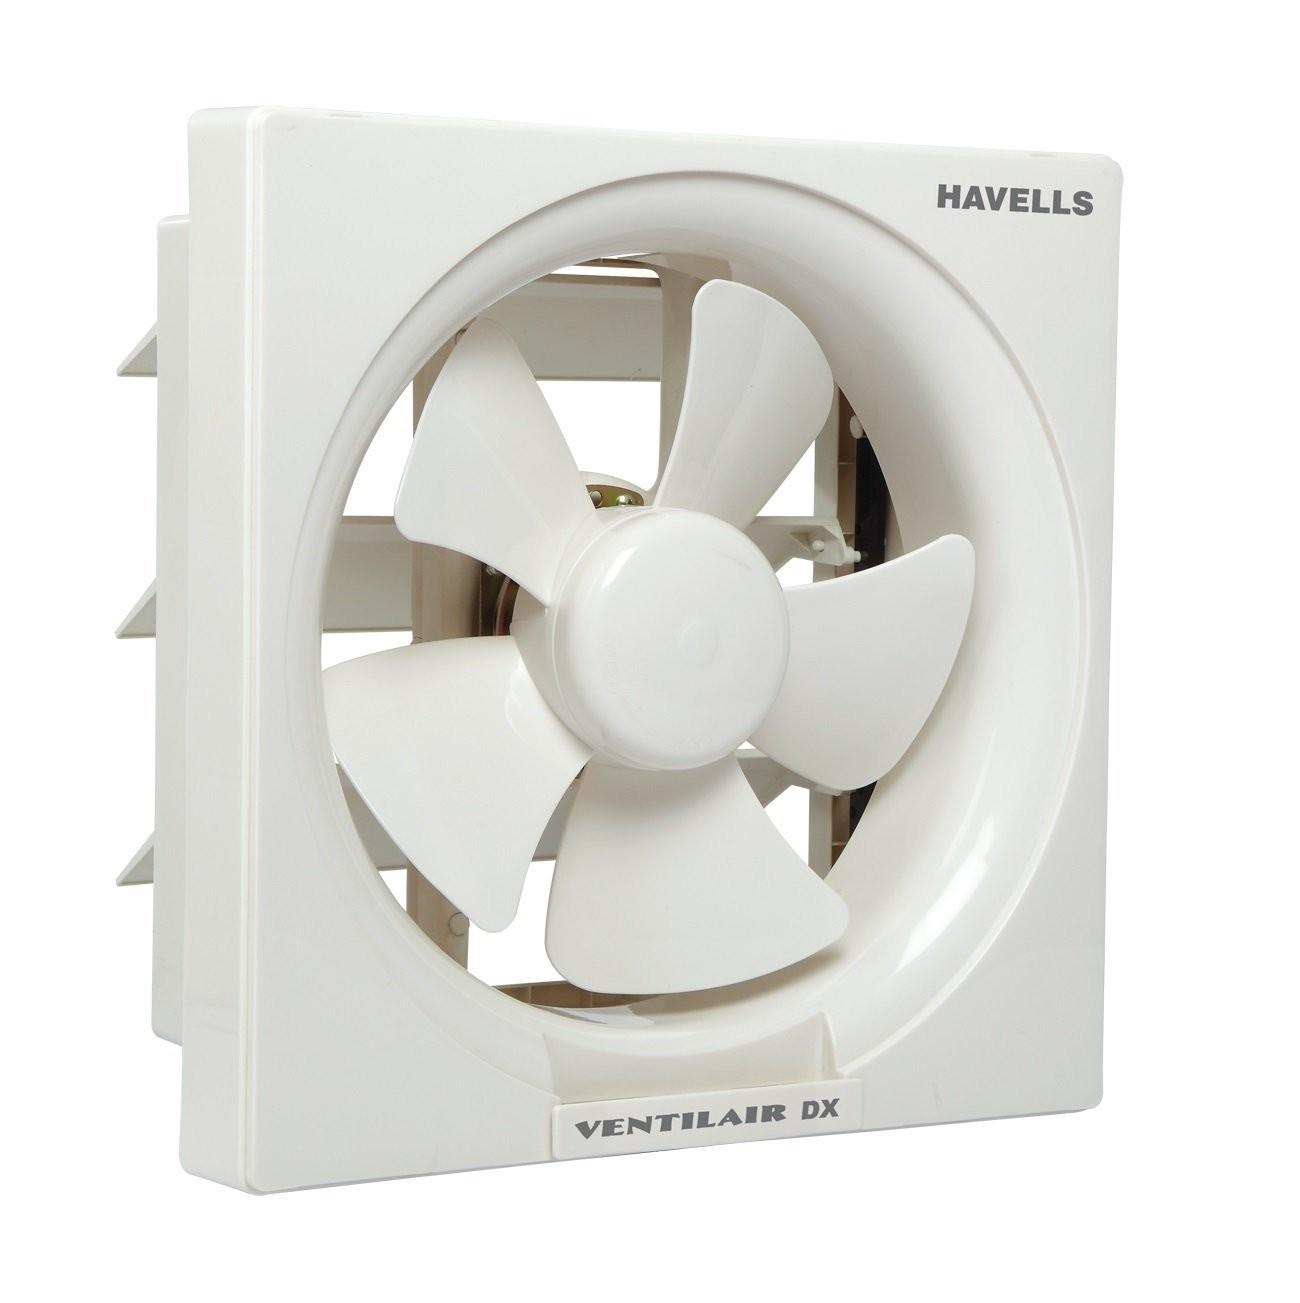 Havells Air Fan Ventil Dx 200MM